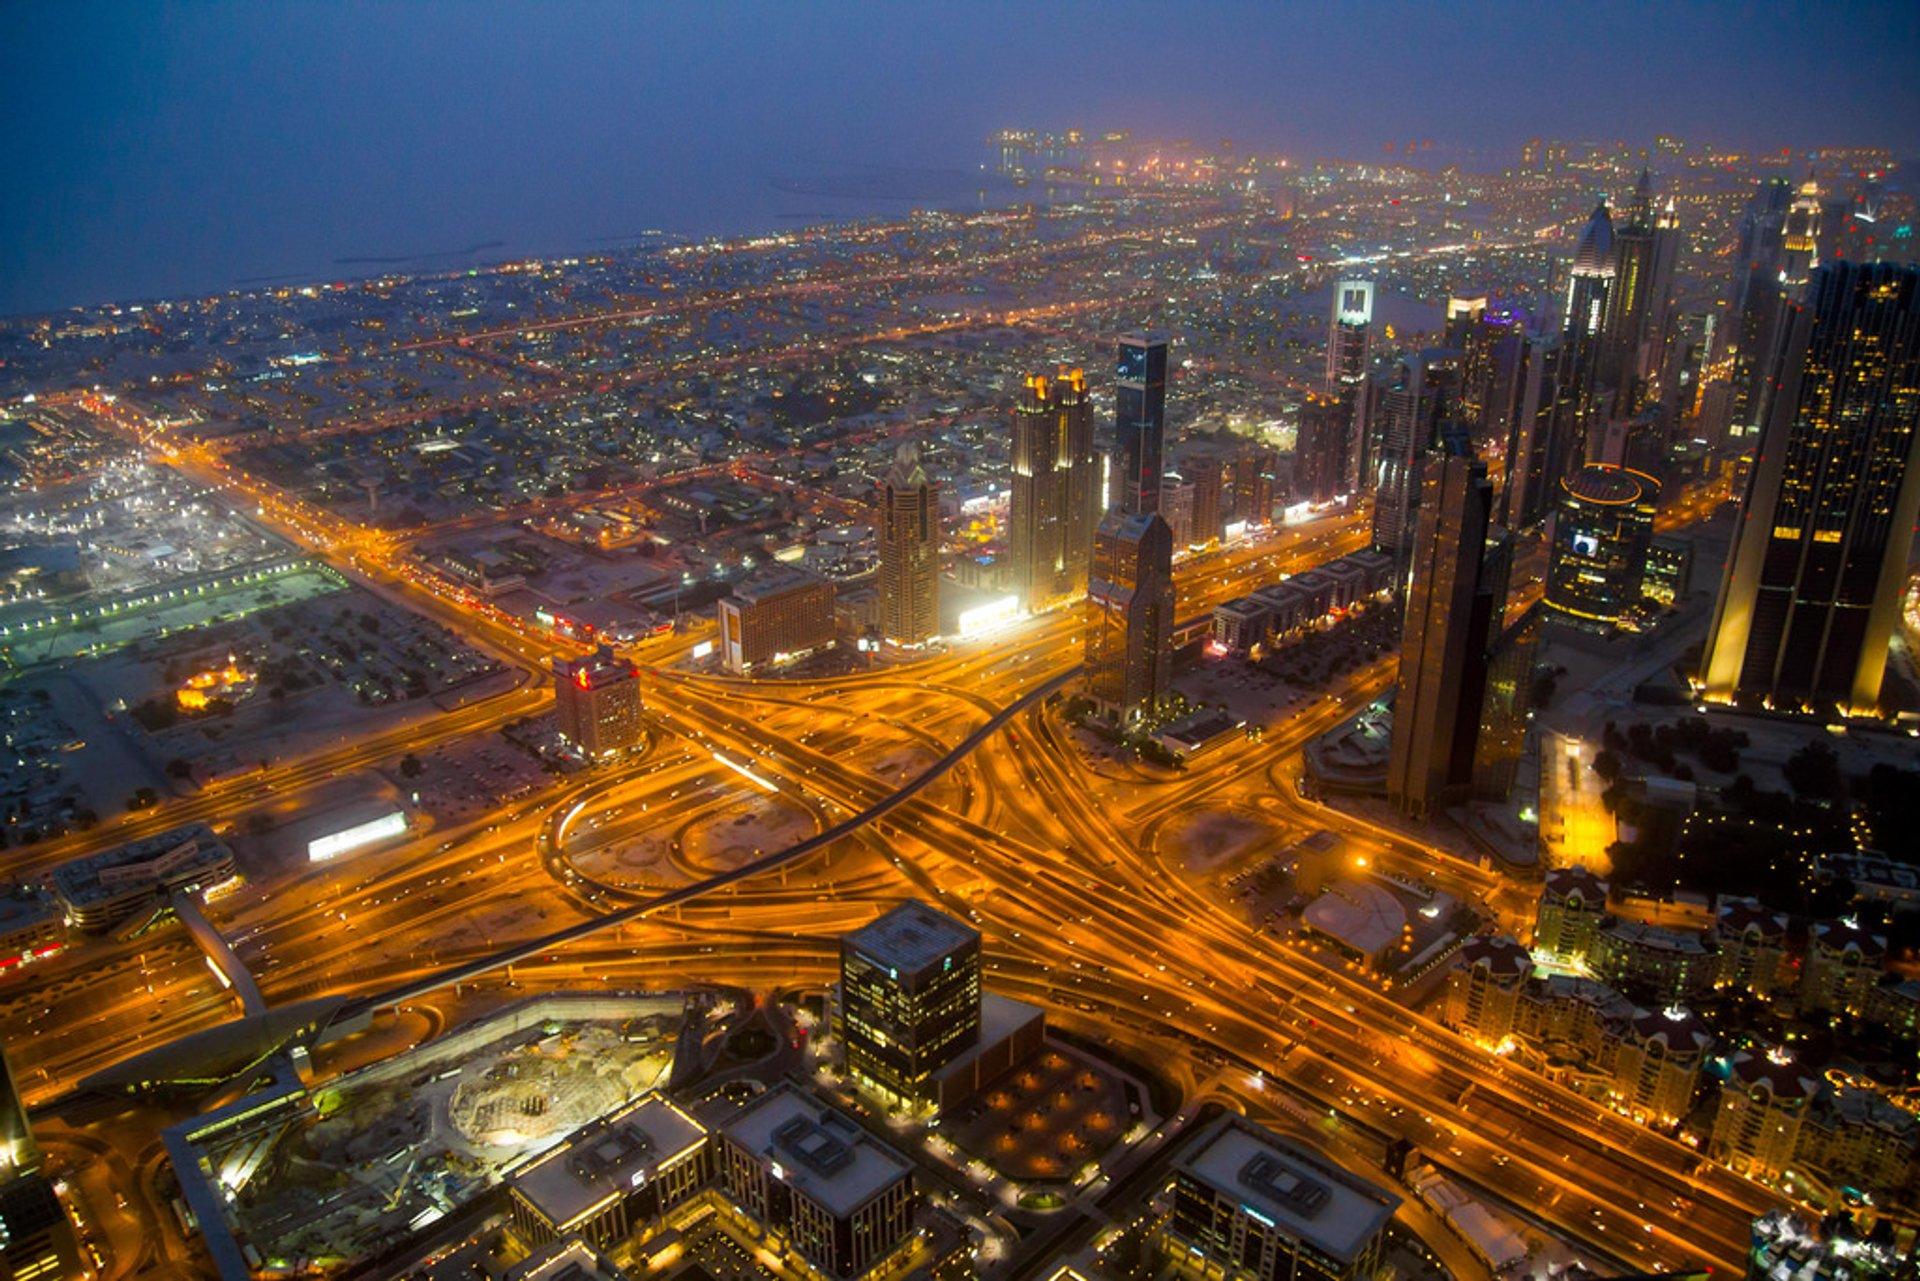 View from Burj Khalifa 2020